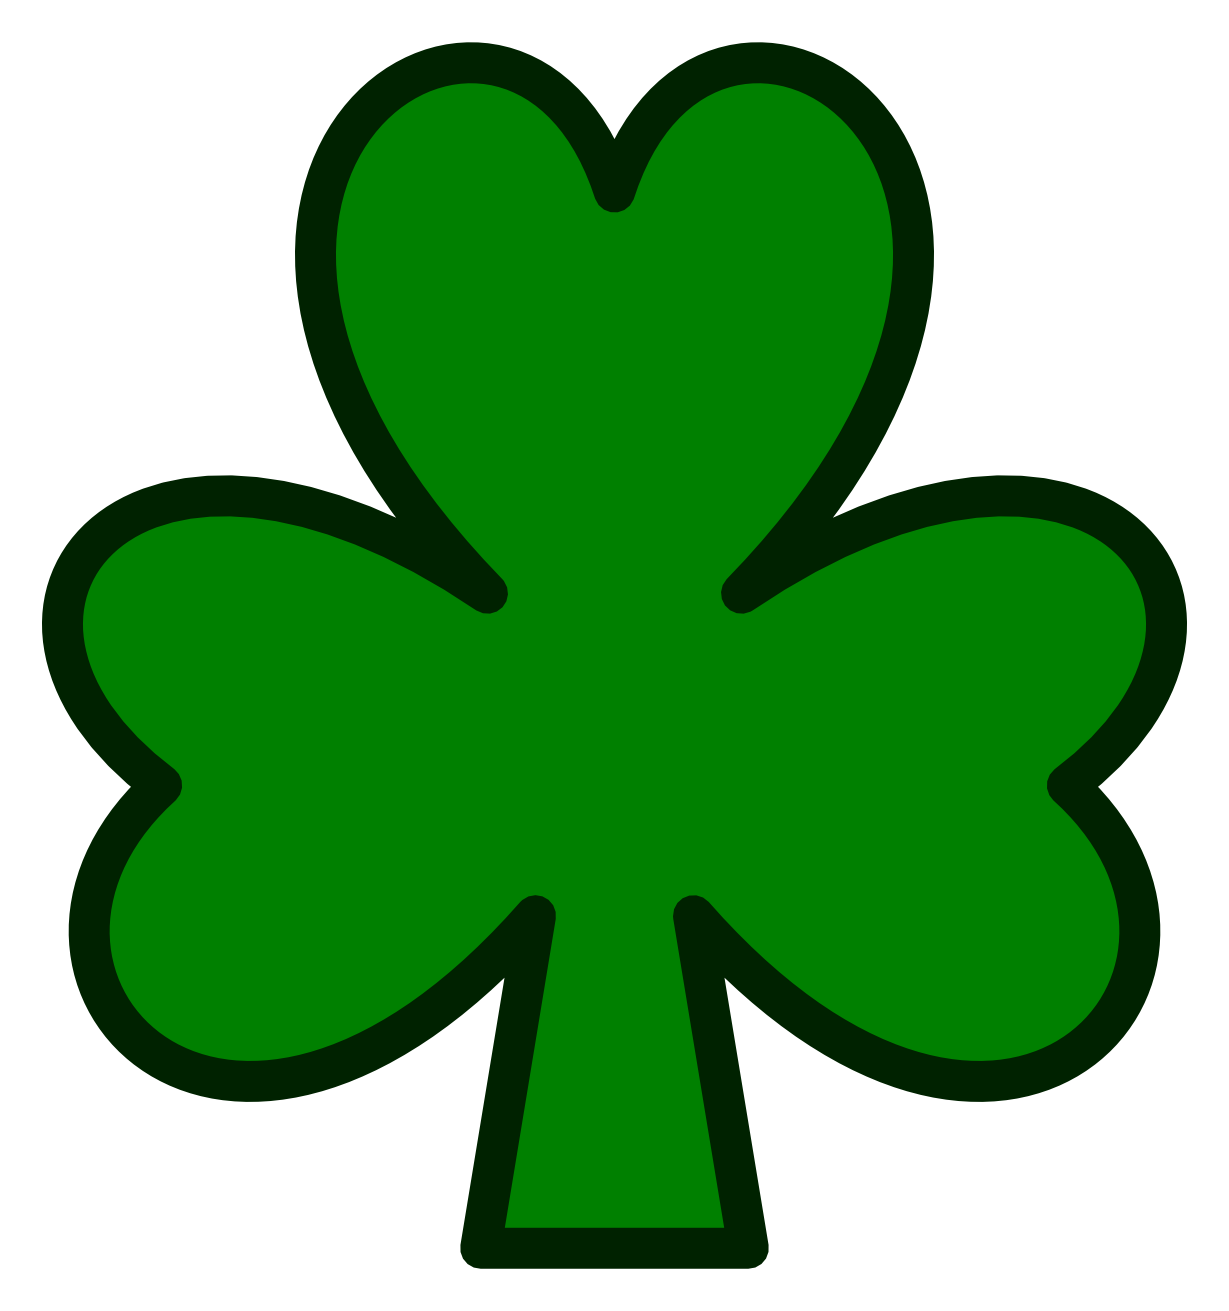 1229x1311 Green Clover Clip Art